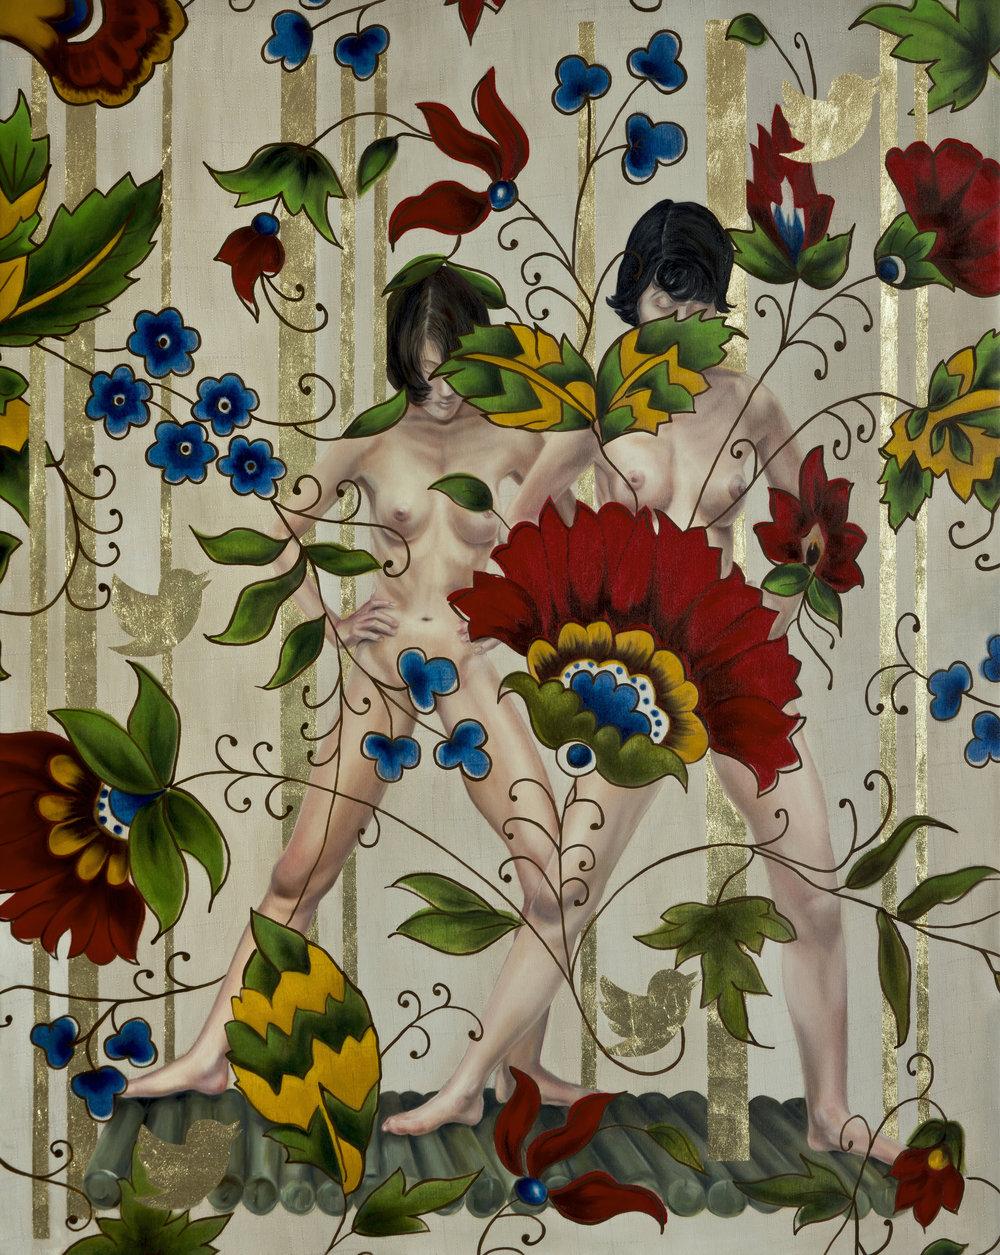 Garden of Armina,135x175 cm, tuval üzerine yağlıboya & yaprak altın, 2015. .jpg